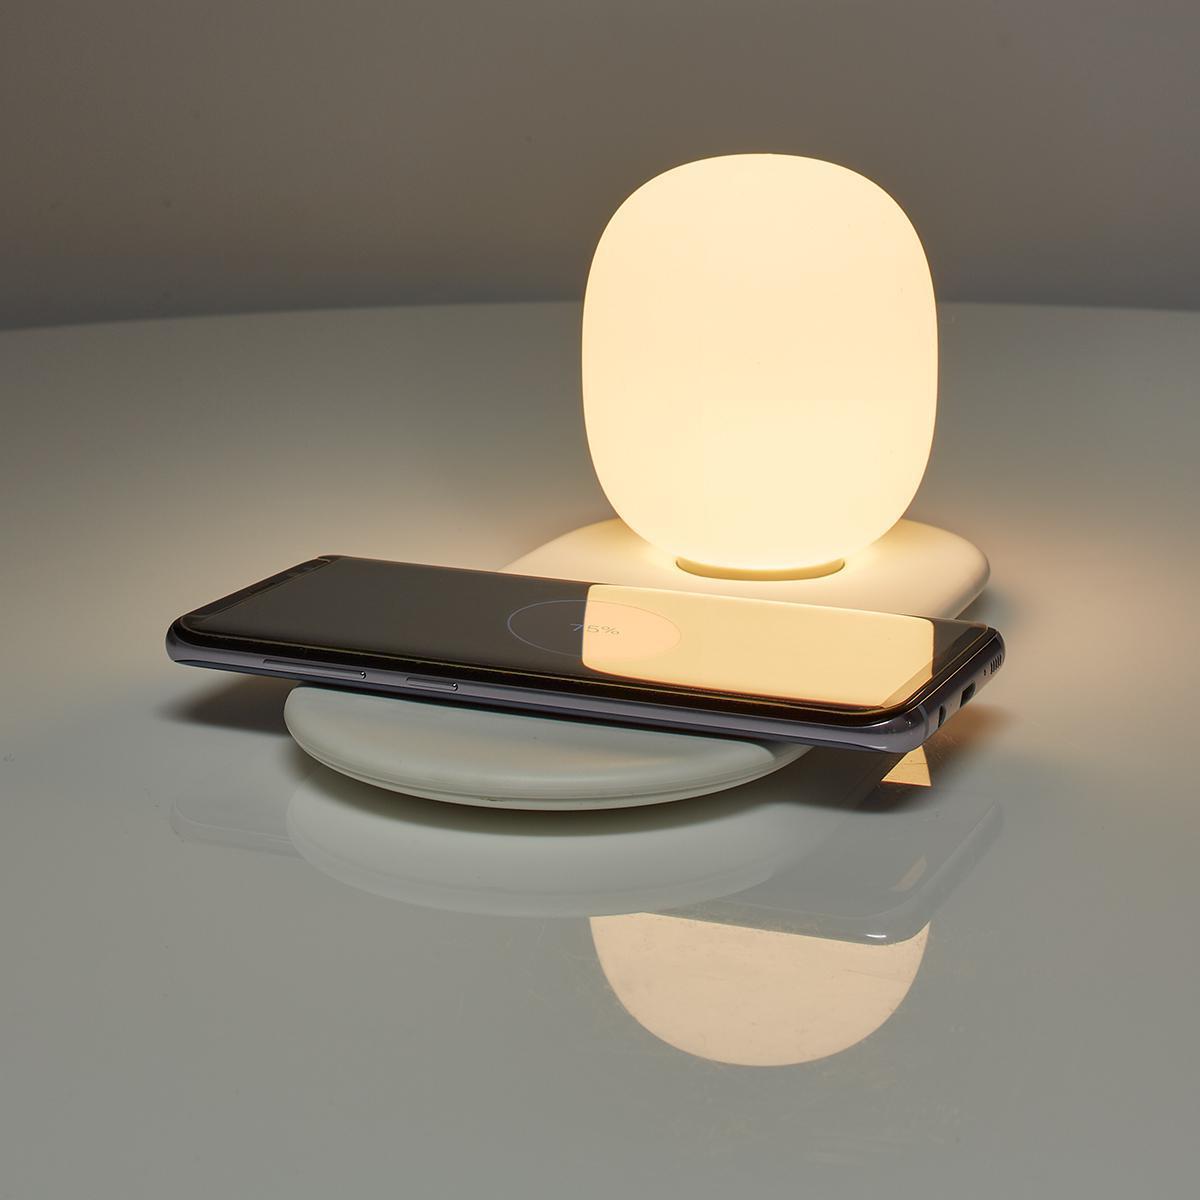 Nachtlamp met touch bediening en oplader voor smartphone 10W